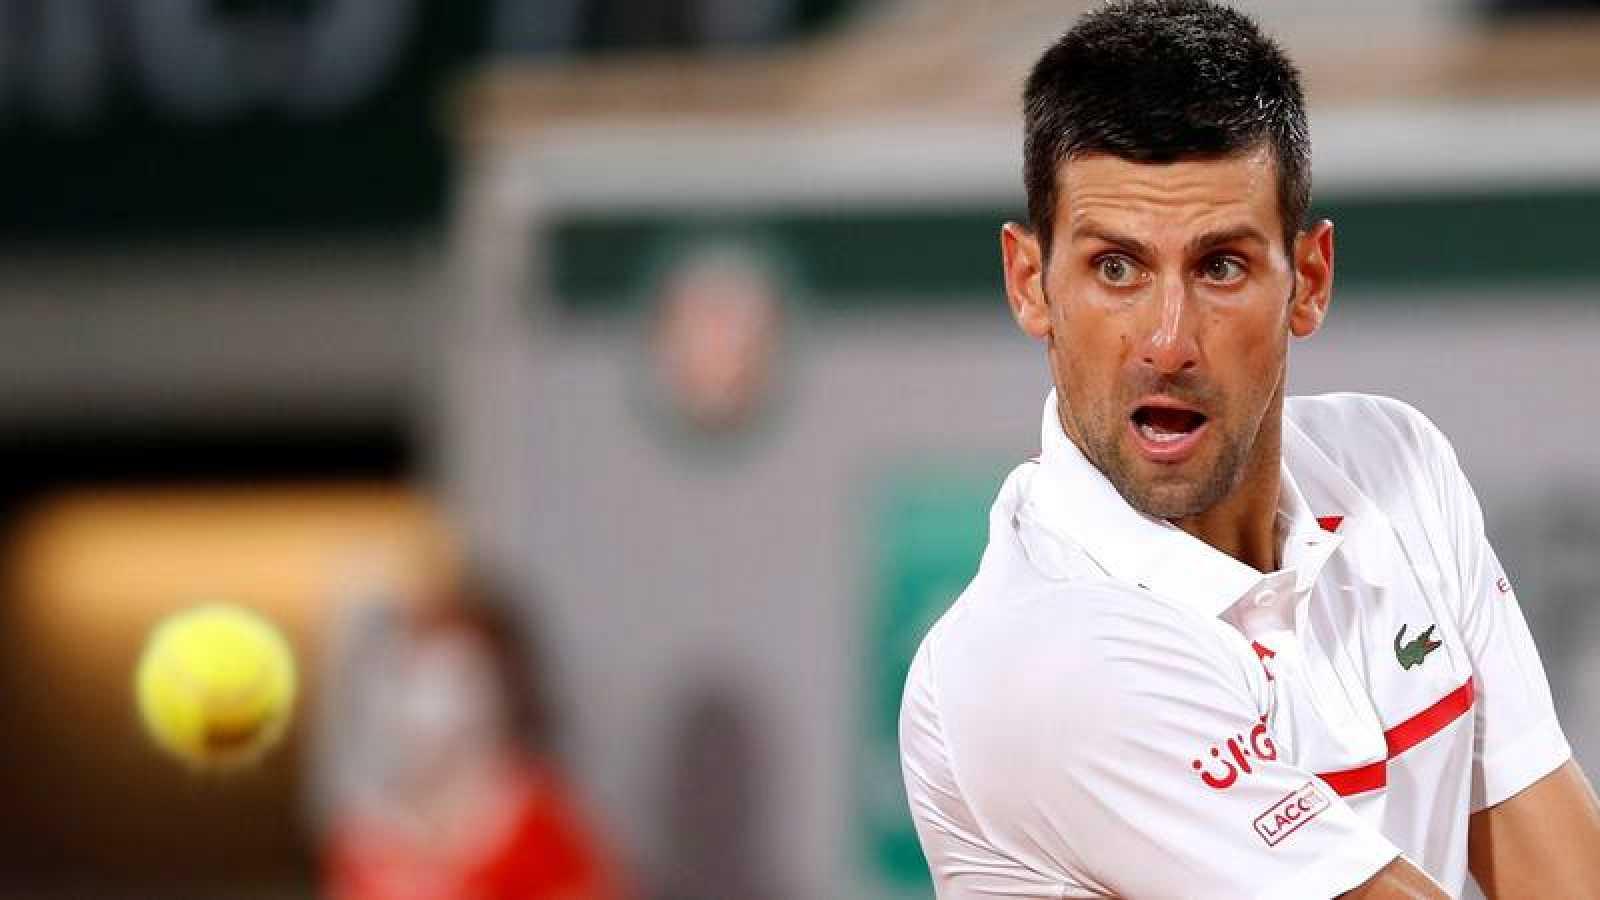 El tenista serbio Novak Djokovic durante su partido ante el sueco Mikael Ymer en Roland Garros.